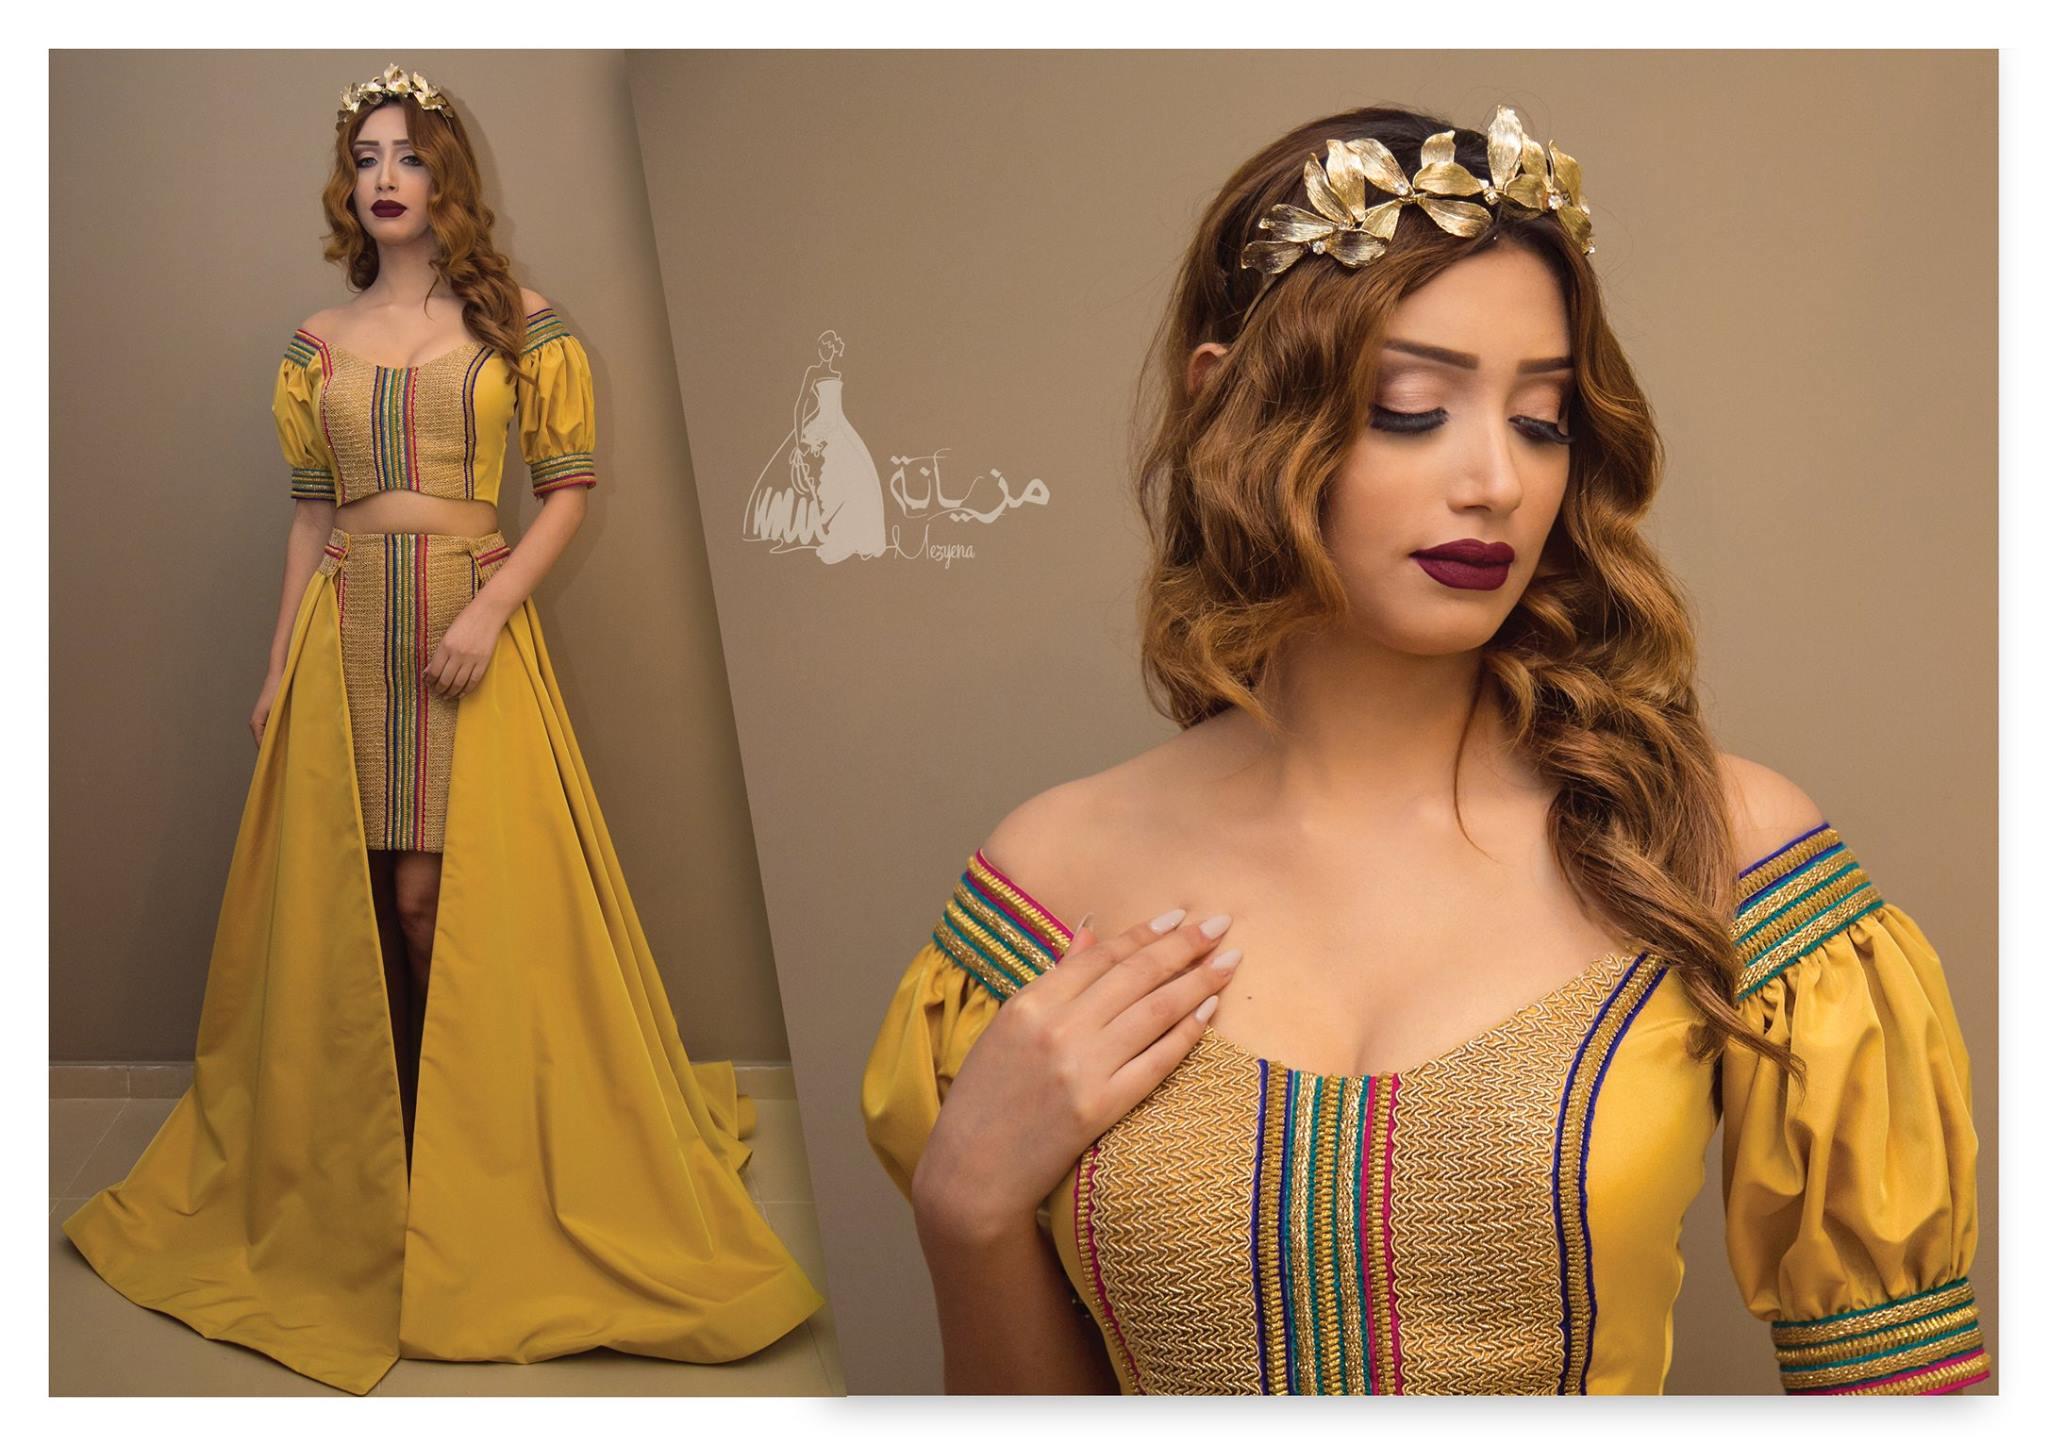 robe de bal ( cendrillon ), robe de mariée Sirène ou encore robe Outia  \u2026 Chez Mezyena , retrouvez une collections haute couture tendance et très  chic .